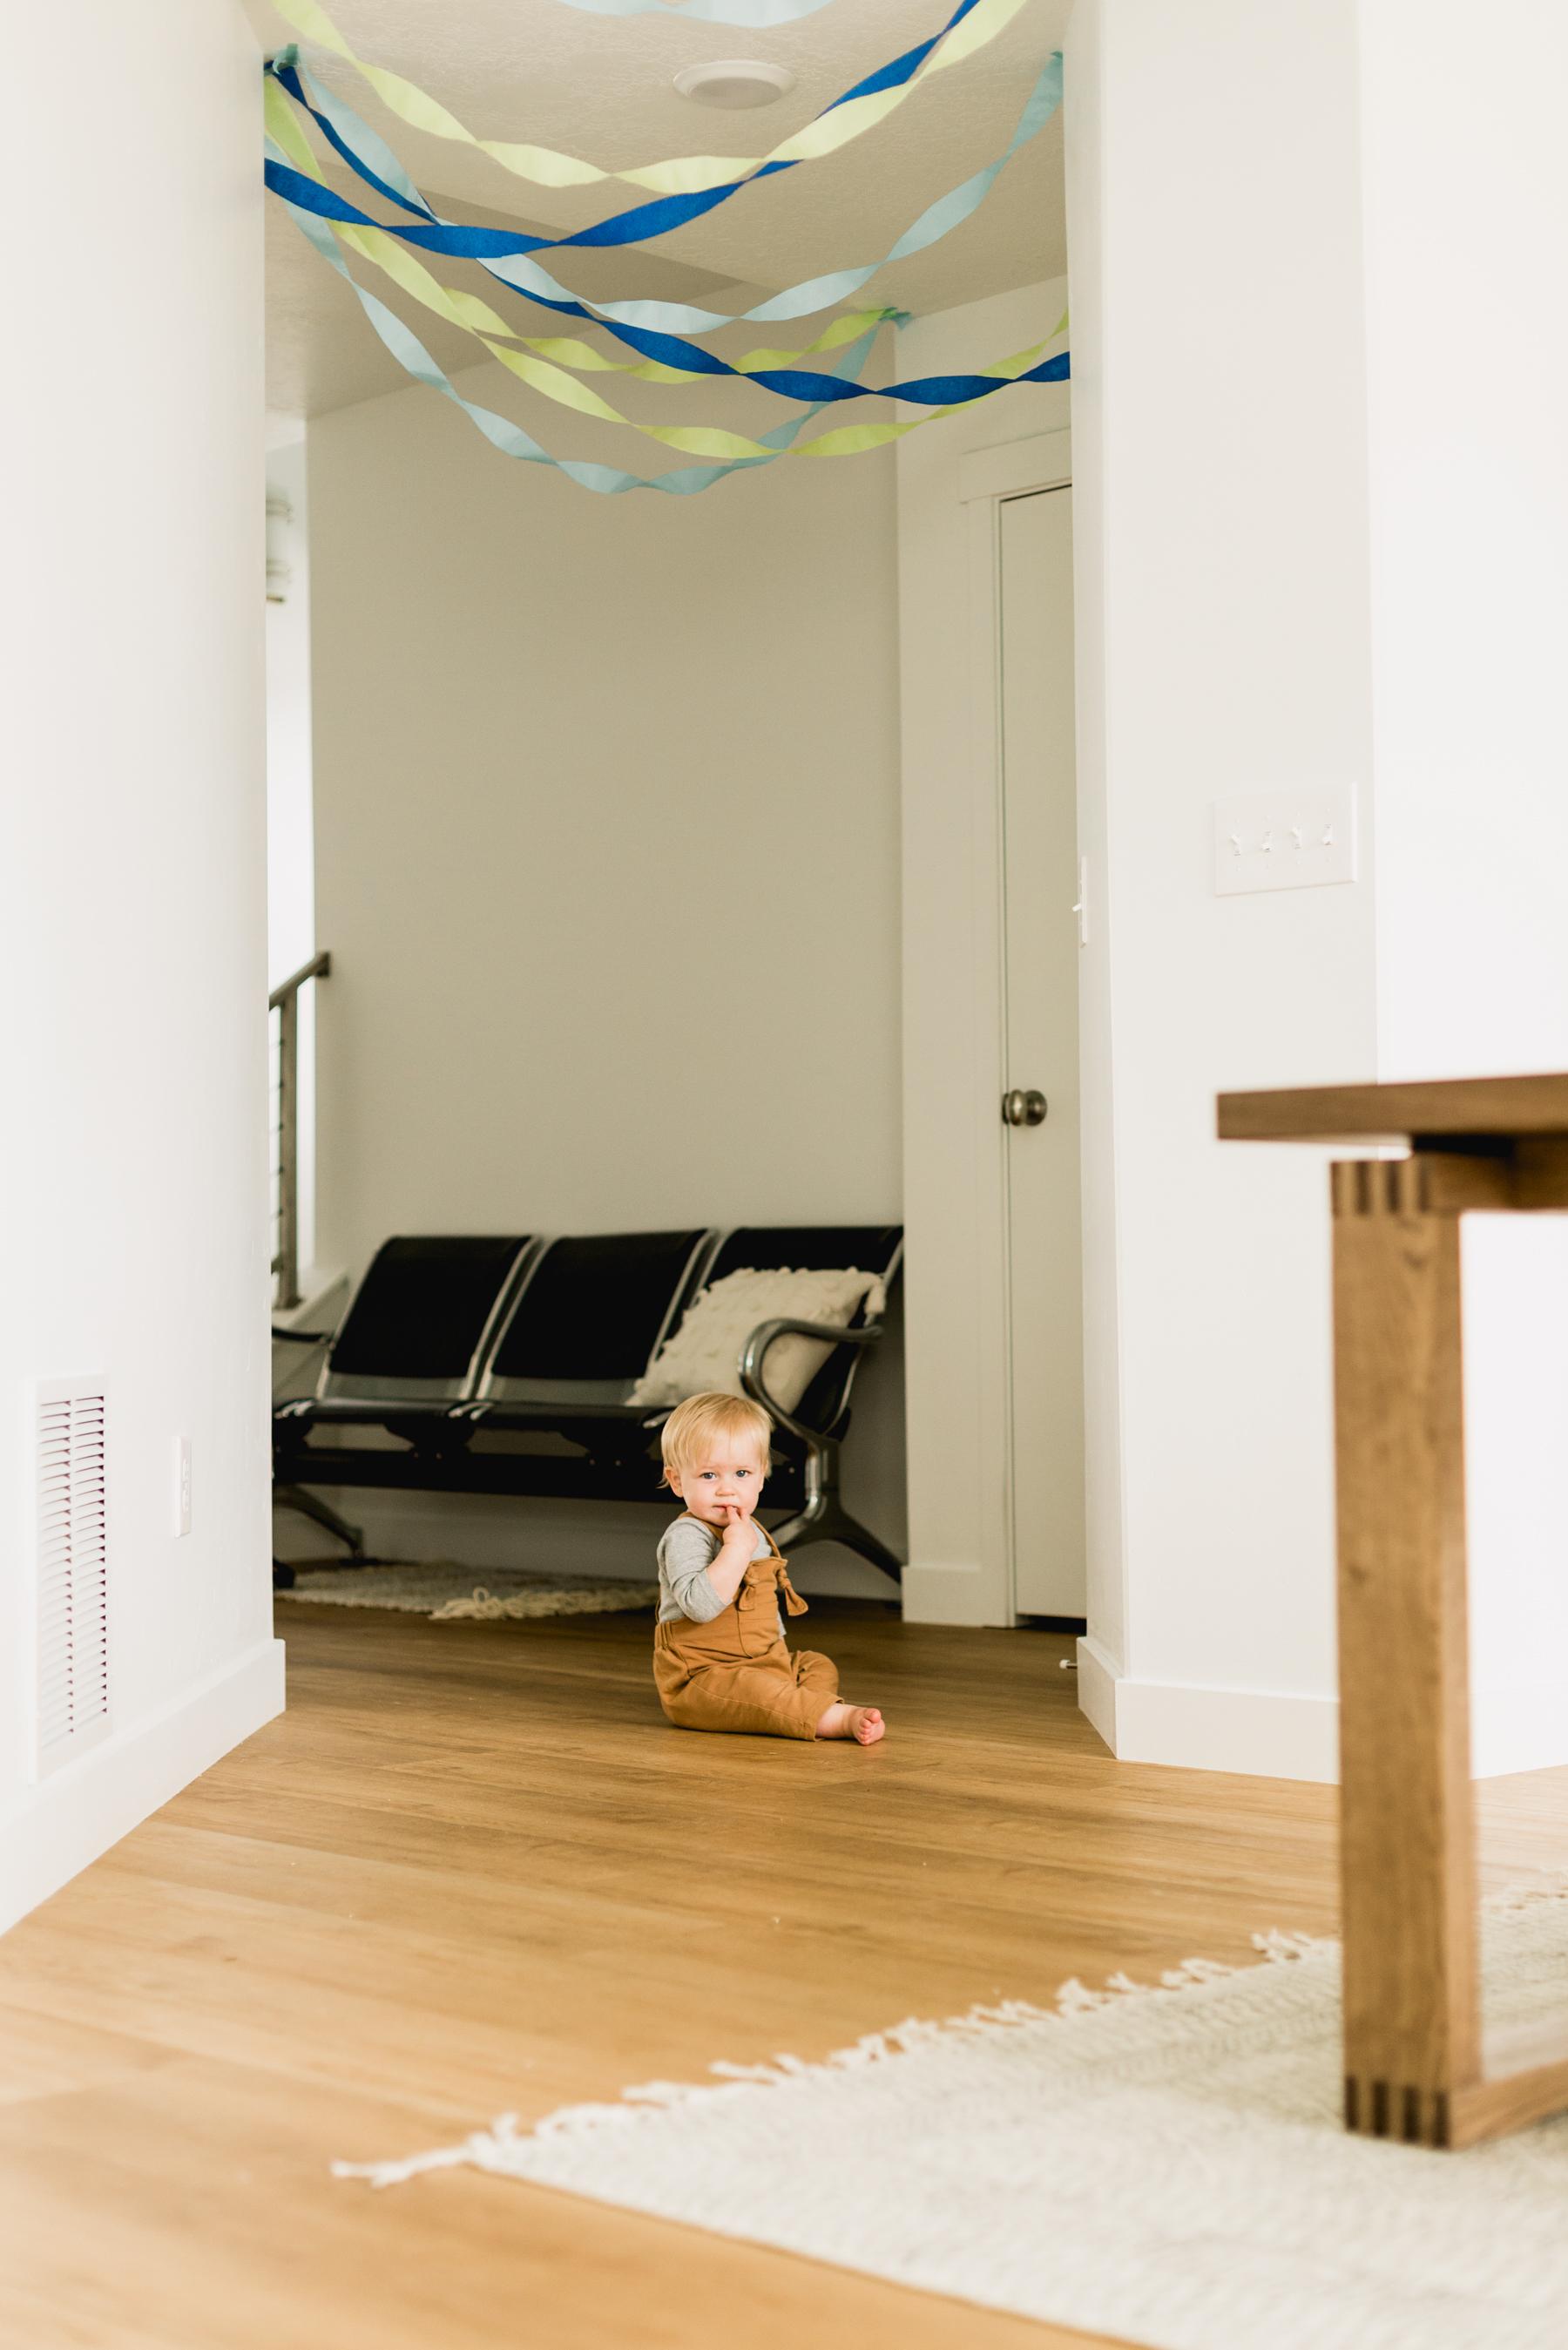 Tate-Crawling-5.jpg